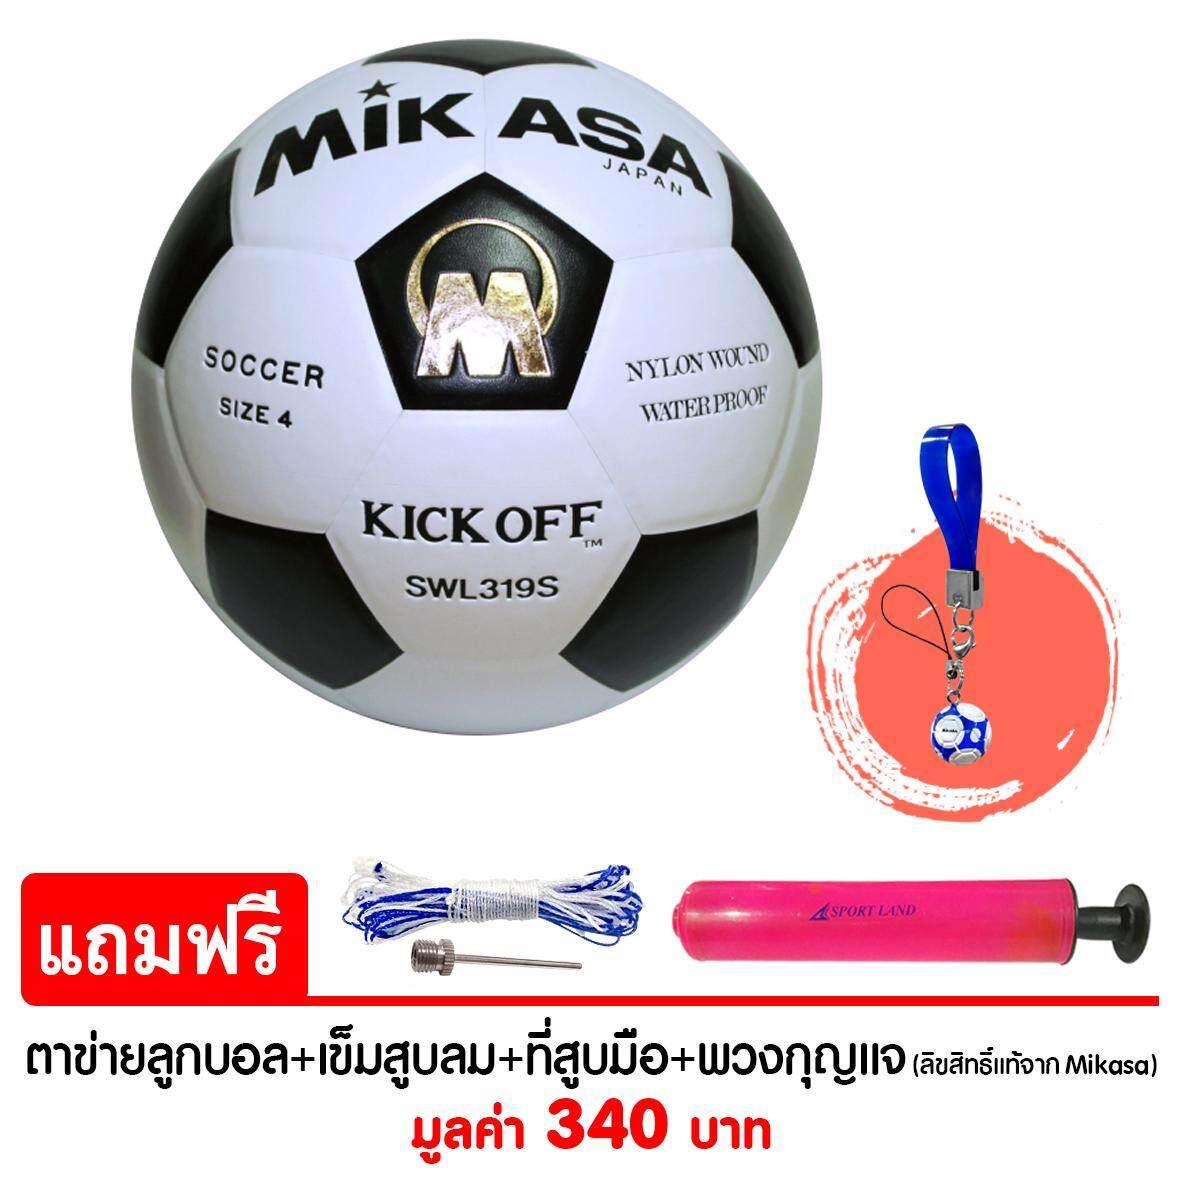 ยี่ห้อไหนดี  MIKASA ฟุตบอล Football MKS PVC SWL319S - White/Black แถมฟรี ตาข่ายใส่ลูกบอล + เข็มสูบสูบลม + สูบมือ SPL รุ่น SL6 สีชมพู + พวงกุญแจ